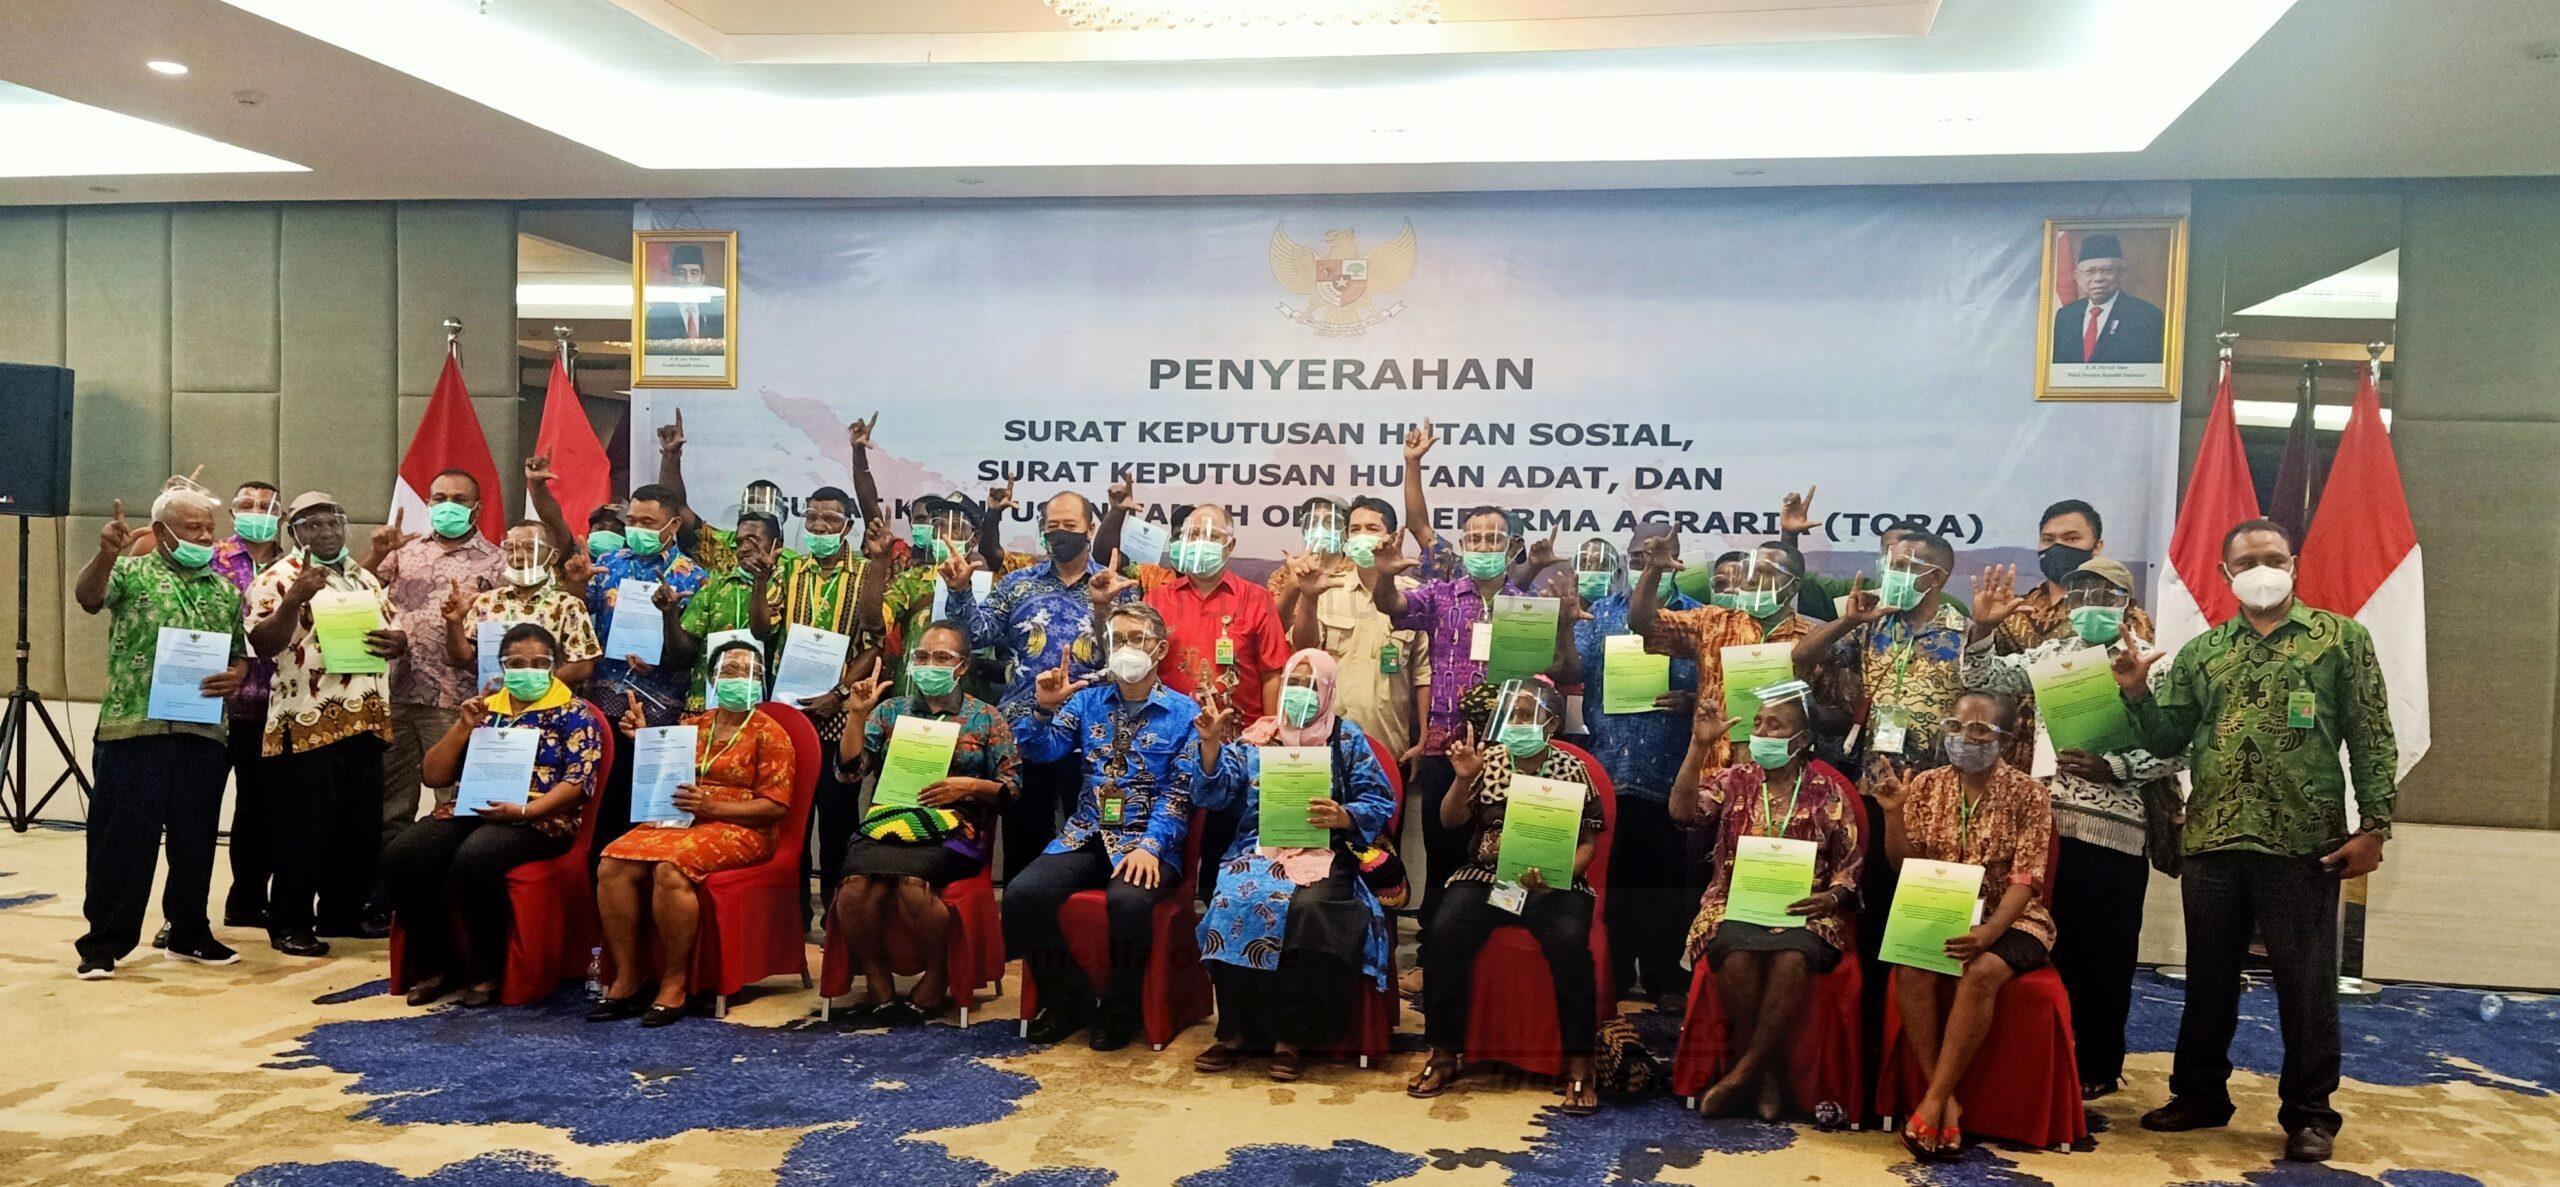 Gubernur Papua Barat, SK Hutan Adat Akan Ditindaklanjuti Dalam Pergub dan Perda 10 IMG 20210108 202405 scaled